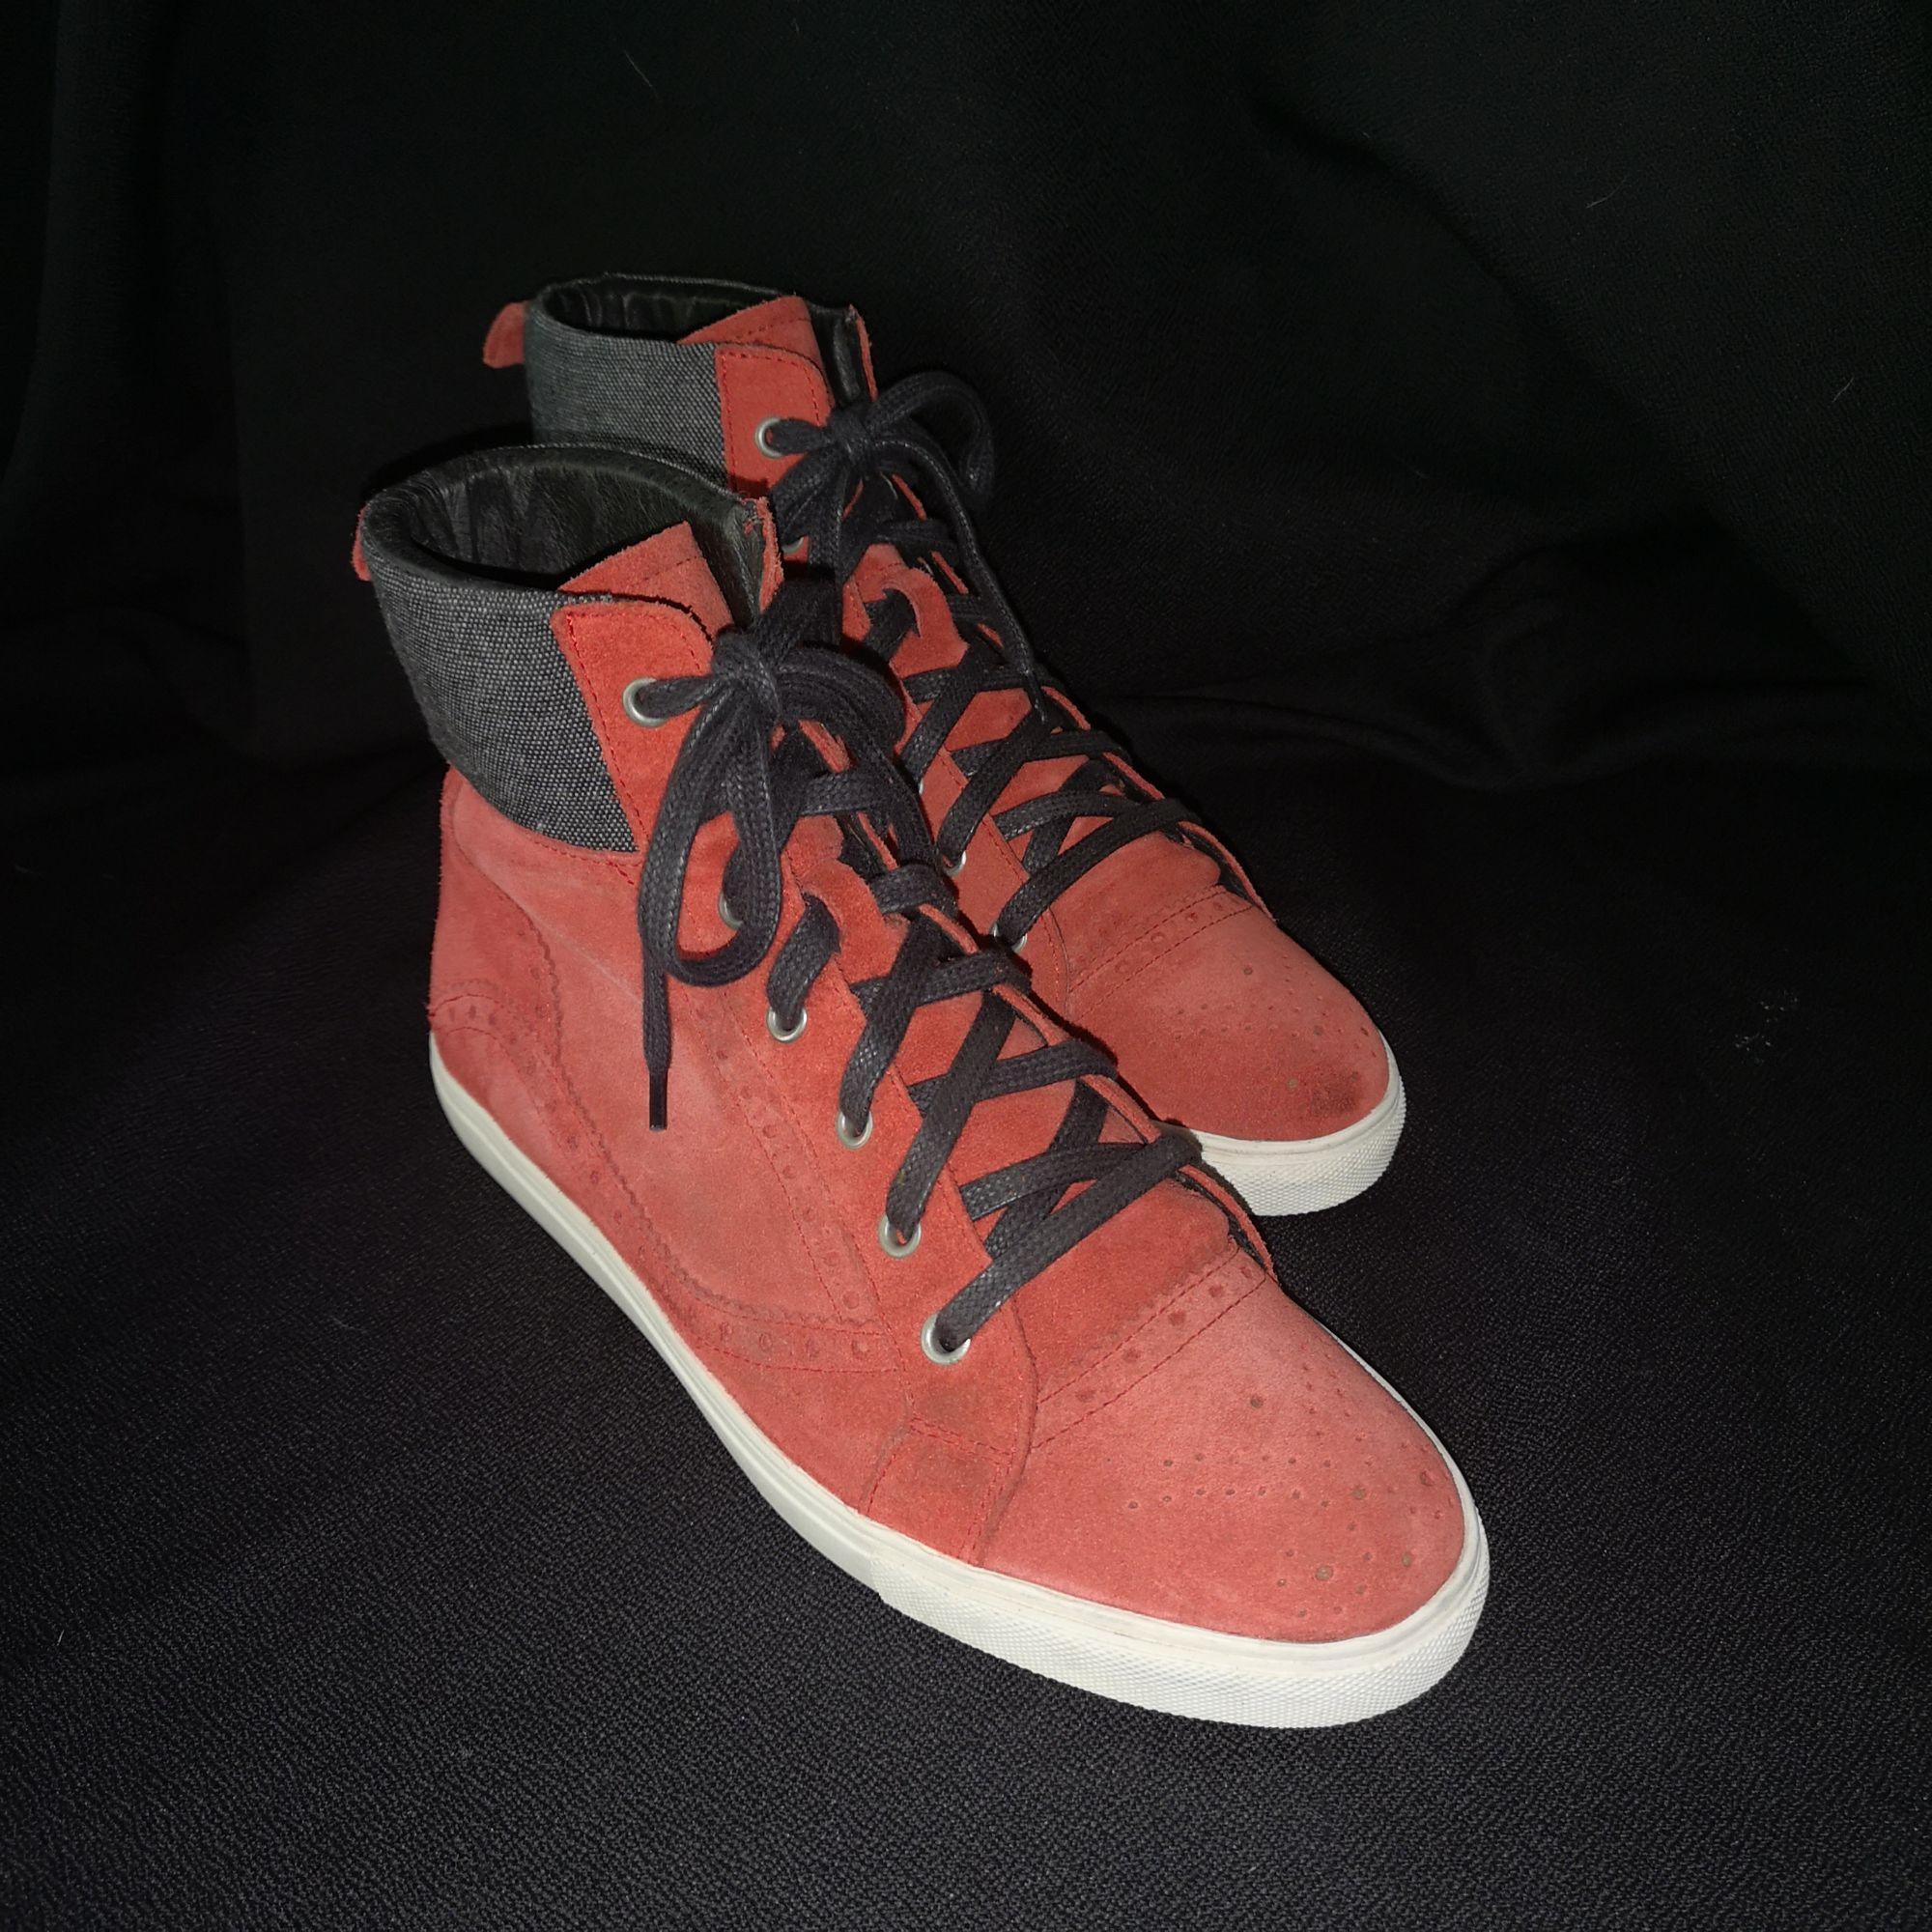 Baskets SERGE BLANCO Rouge, bordeaux